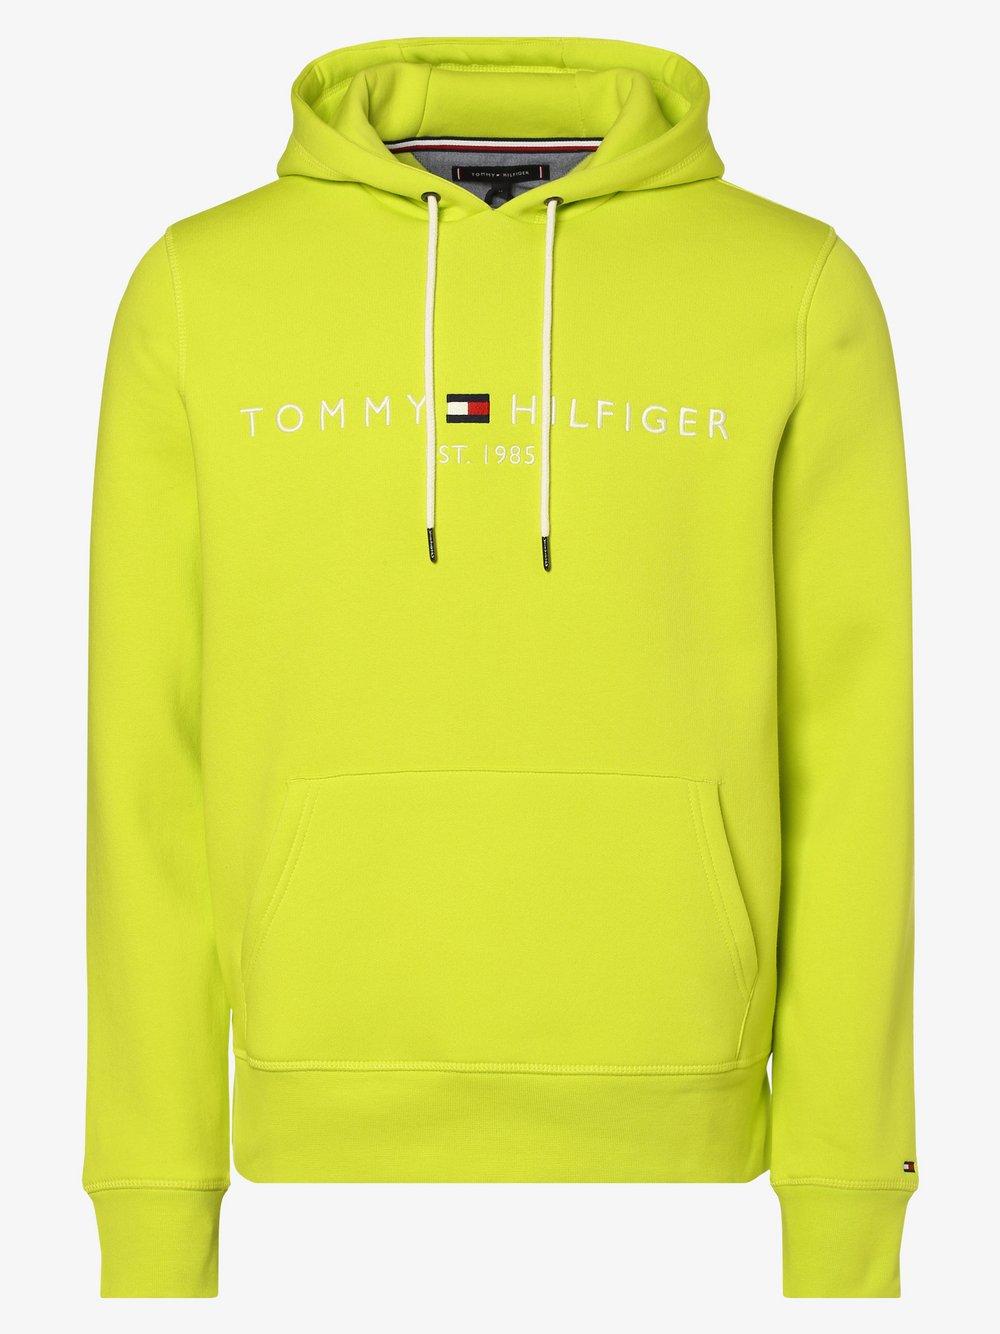 Tommy Hilfiger - Męska bluza nierozpinana, żółty